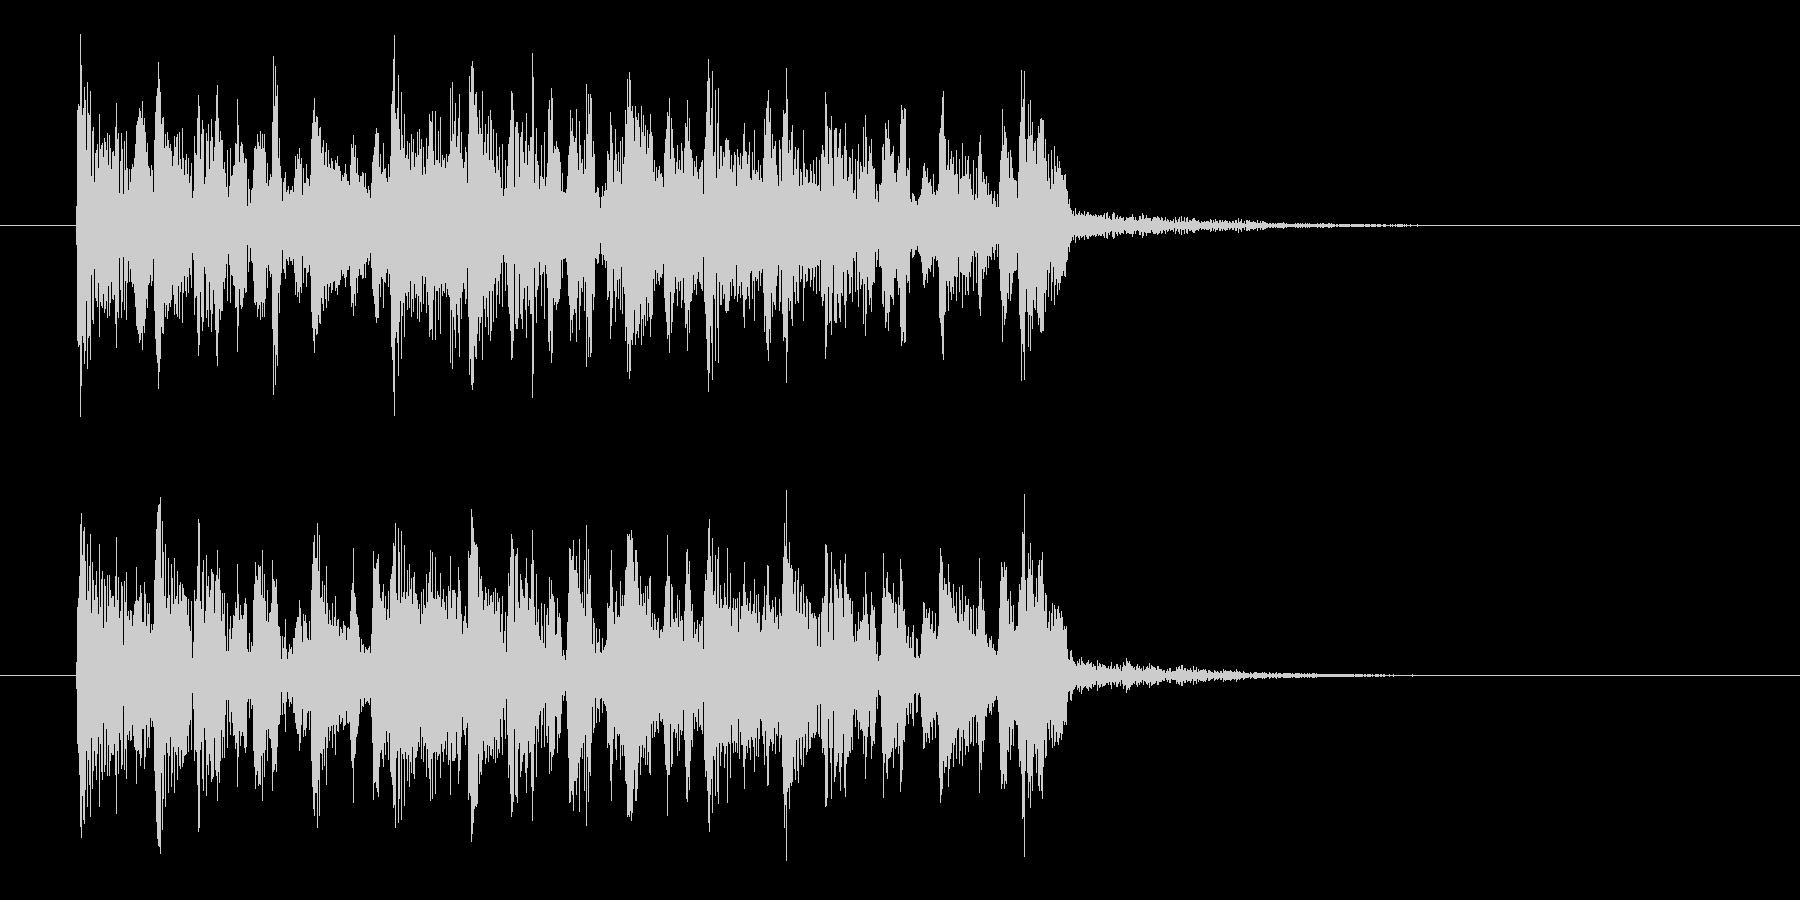 シンプルで軽やかなアコギジングルの未再生の波形